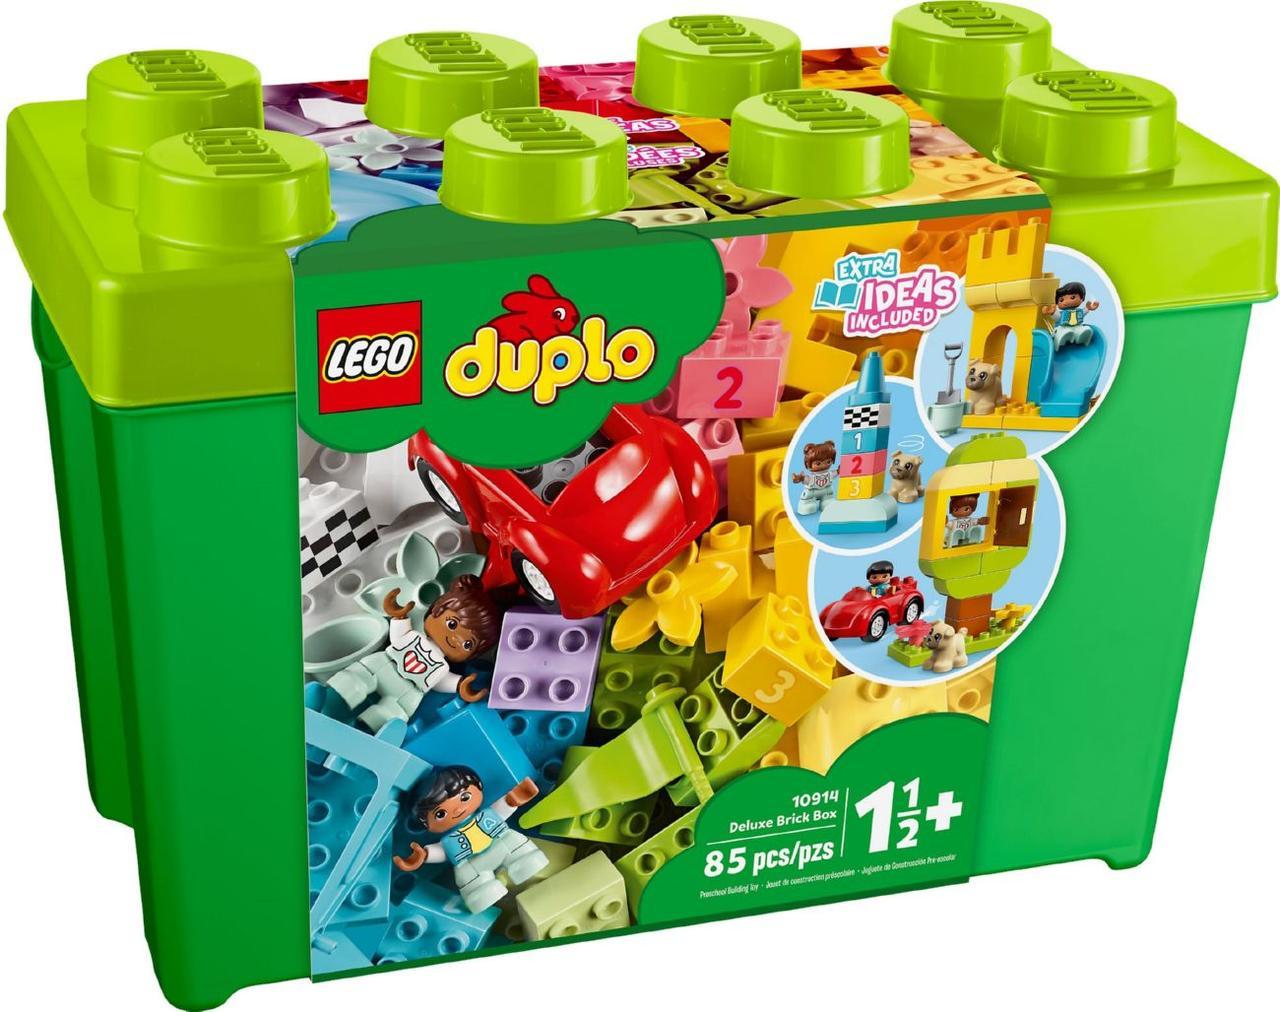 Lego Duplo Велика коробка з кубиками 10914